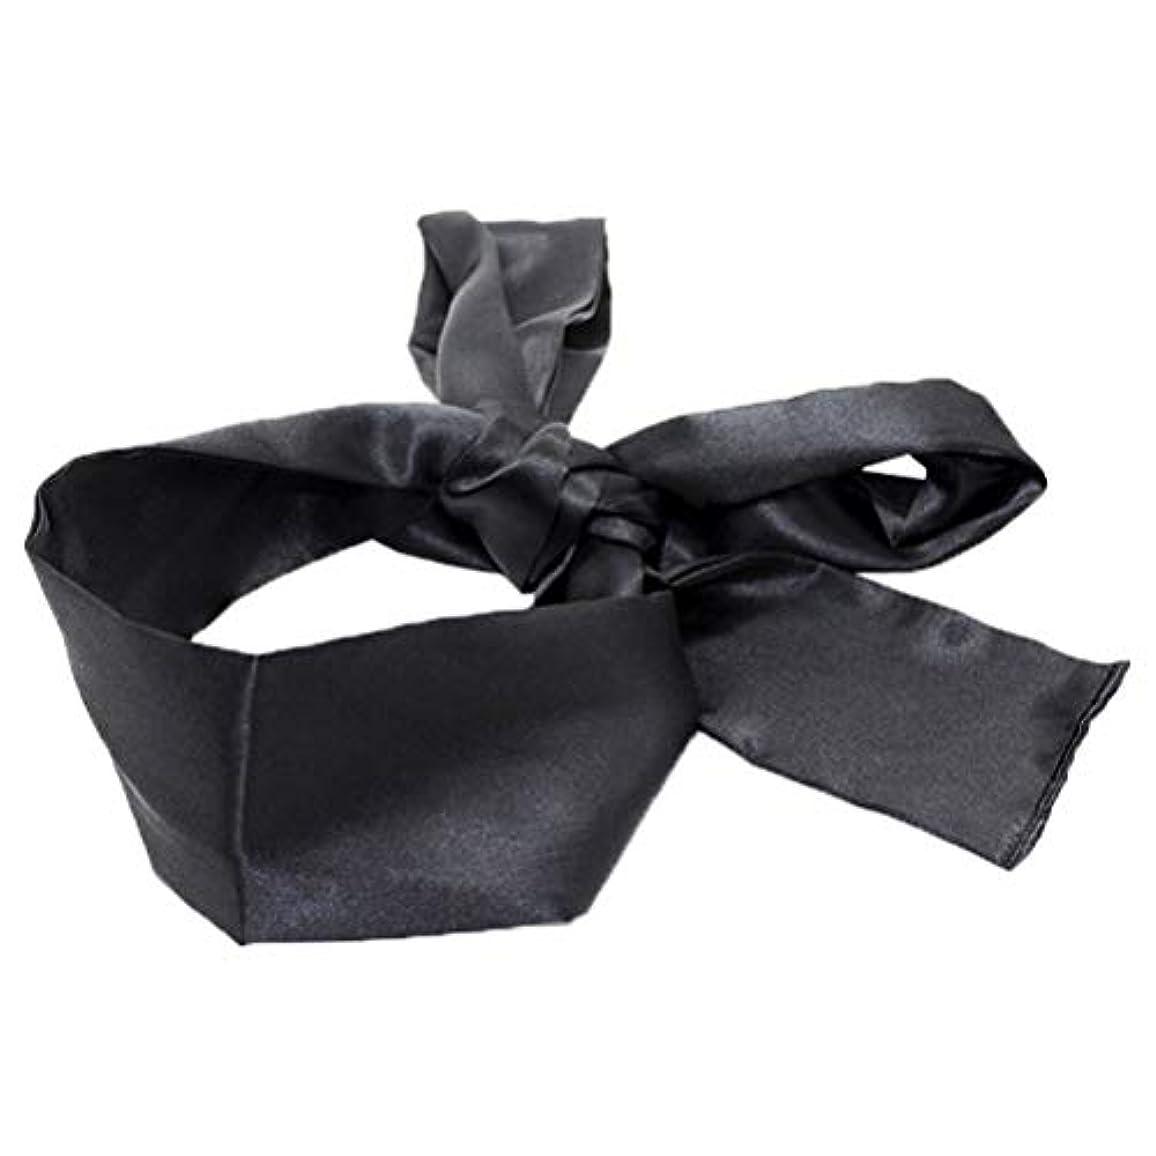 トラフ意外後世HEALIFTY 睡眠マスクホームトラベルコスチューム小道具(ブラック)用サテン目隠しソフト快適なアイマスクバンドブラインダー